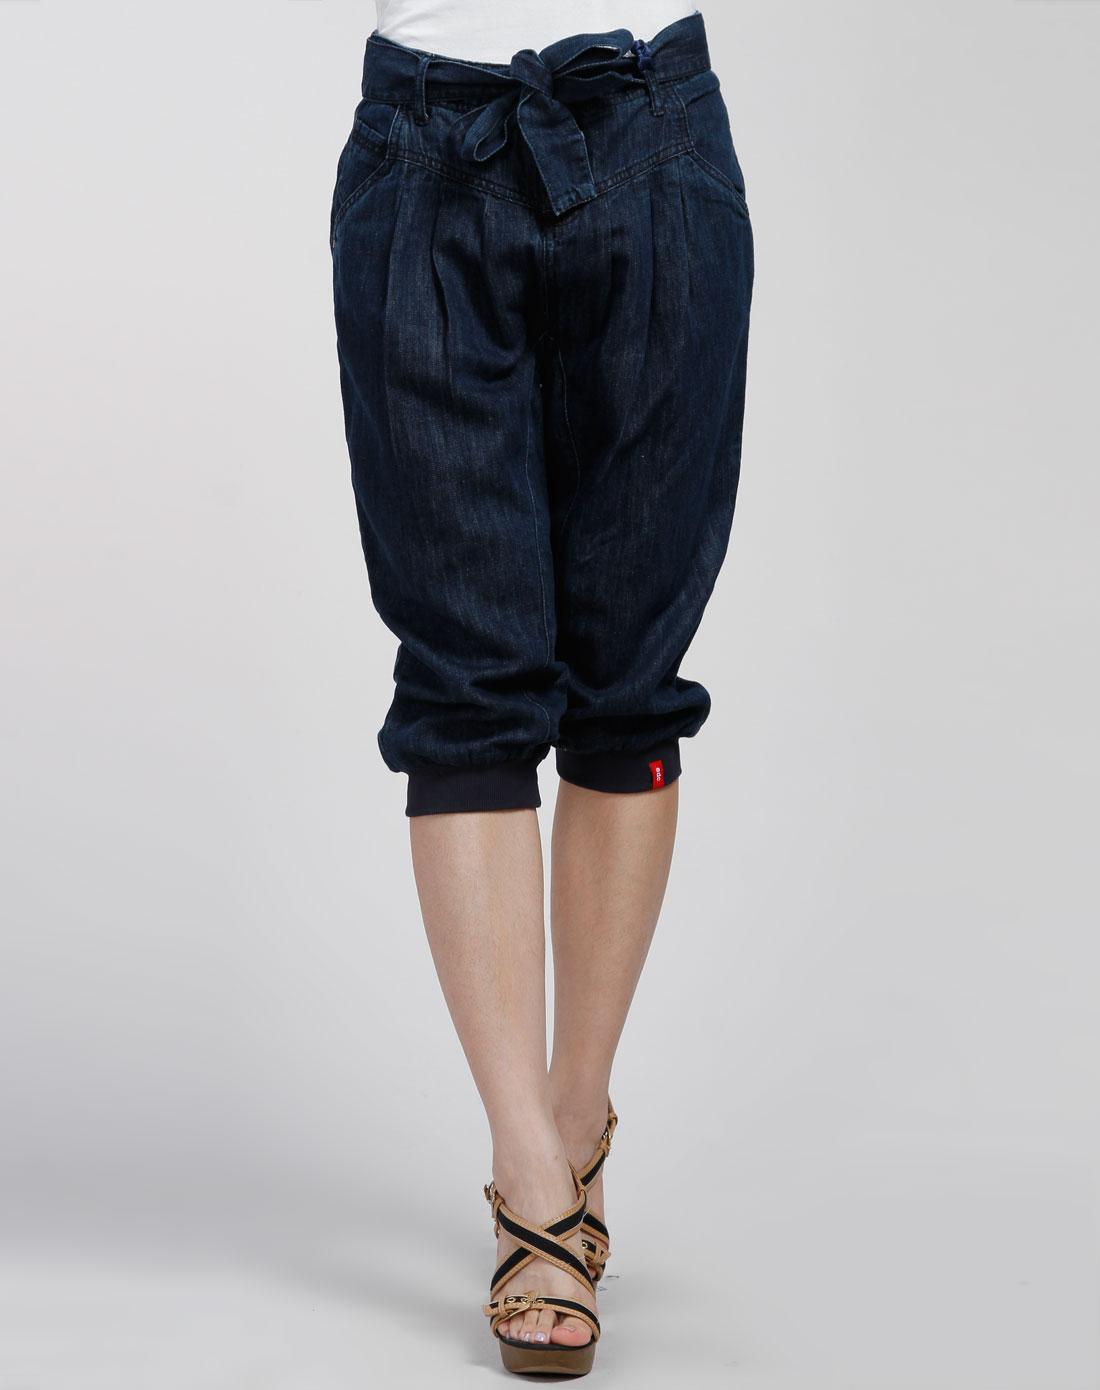 款藏蓝色休闲牛仔中裤